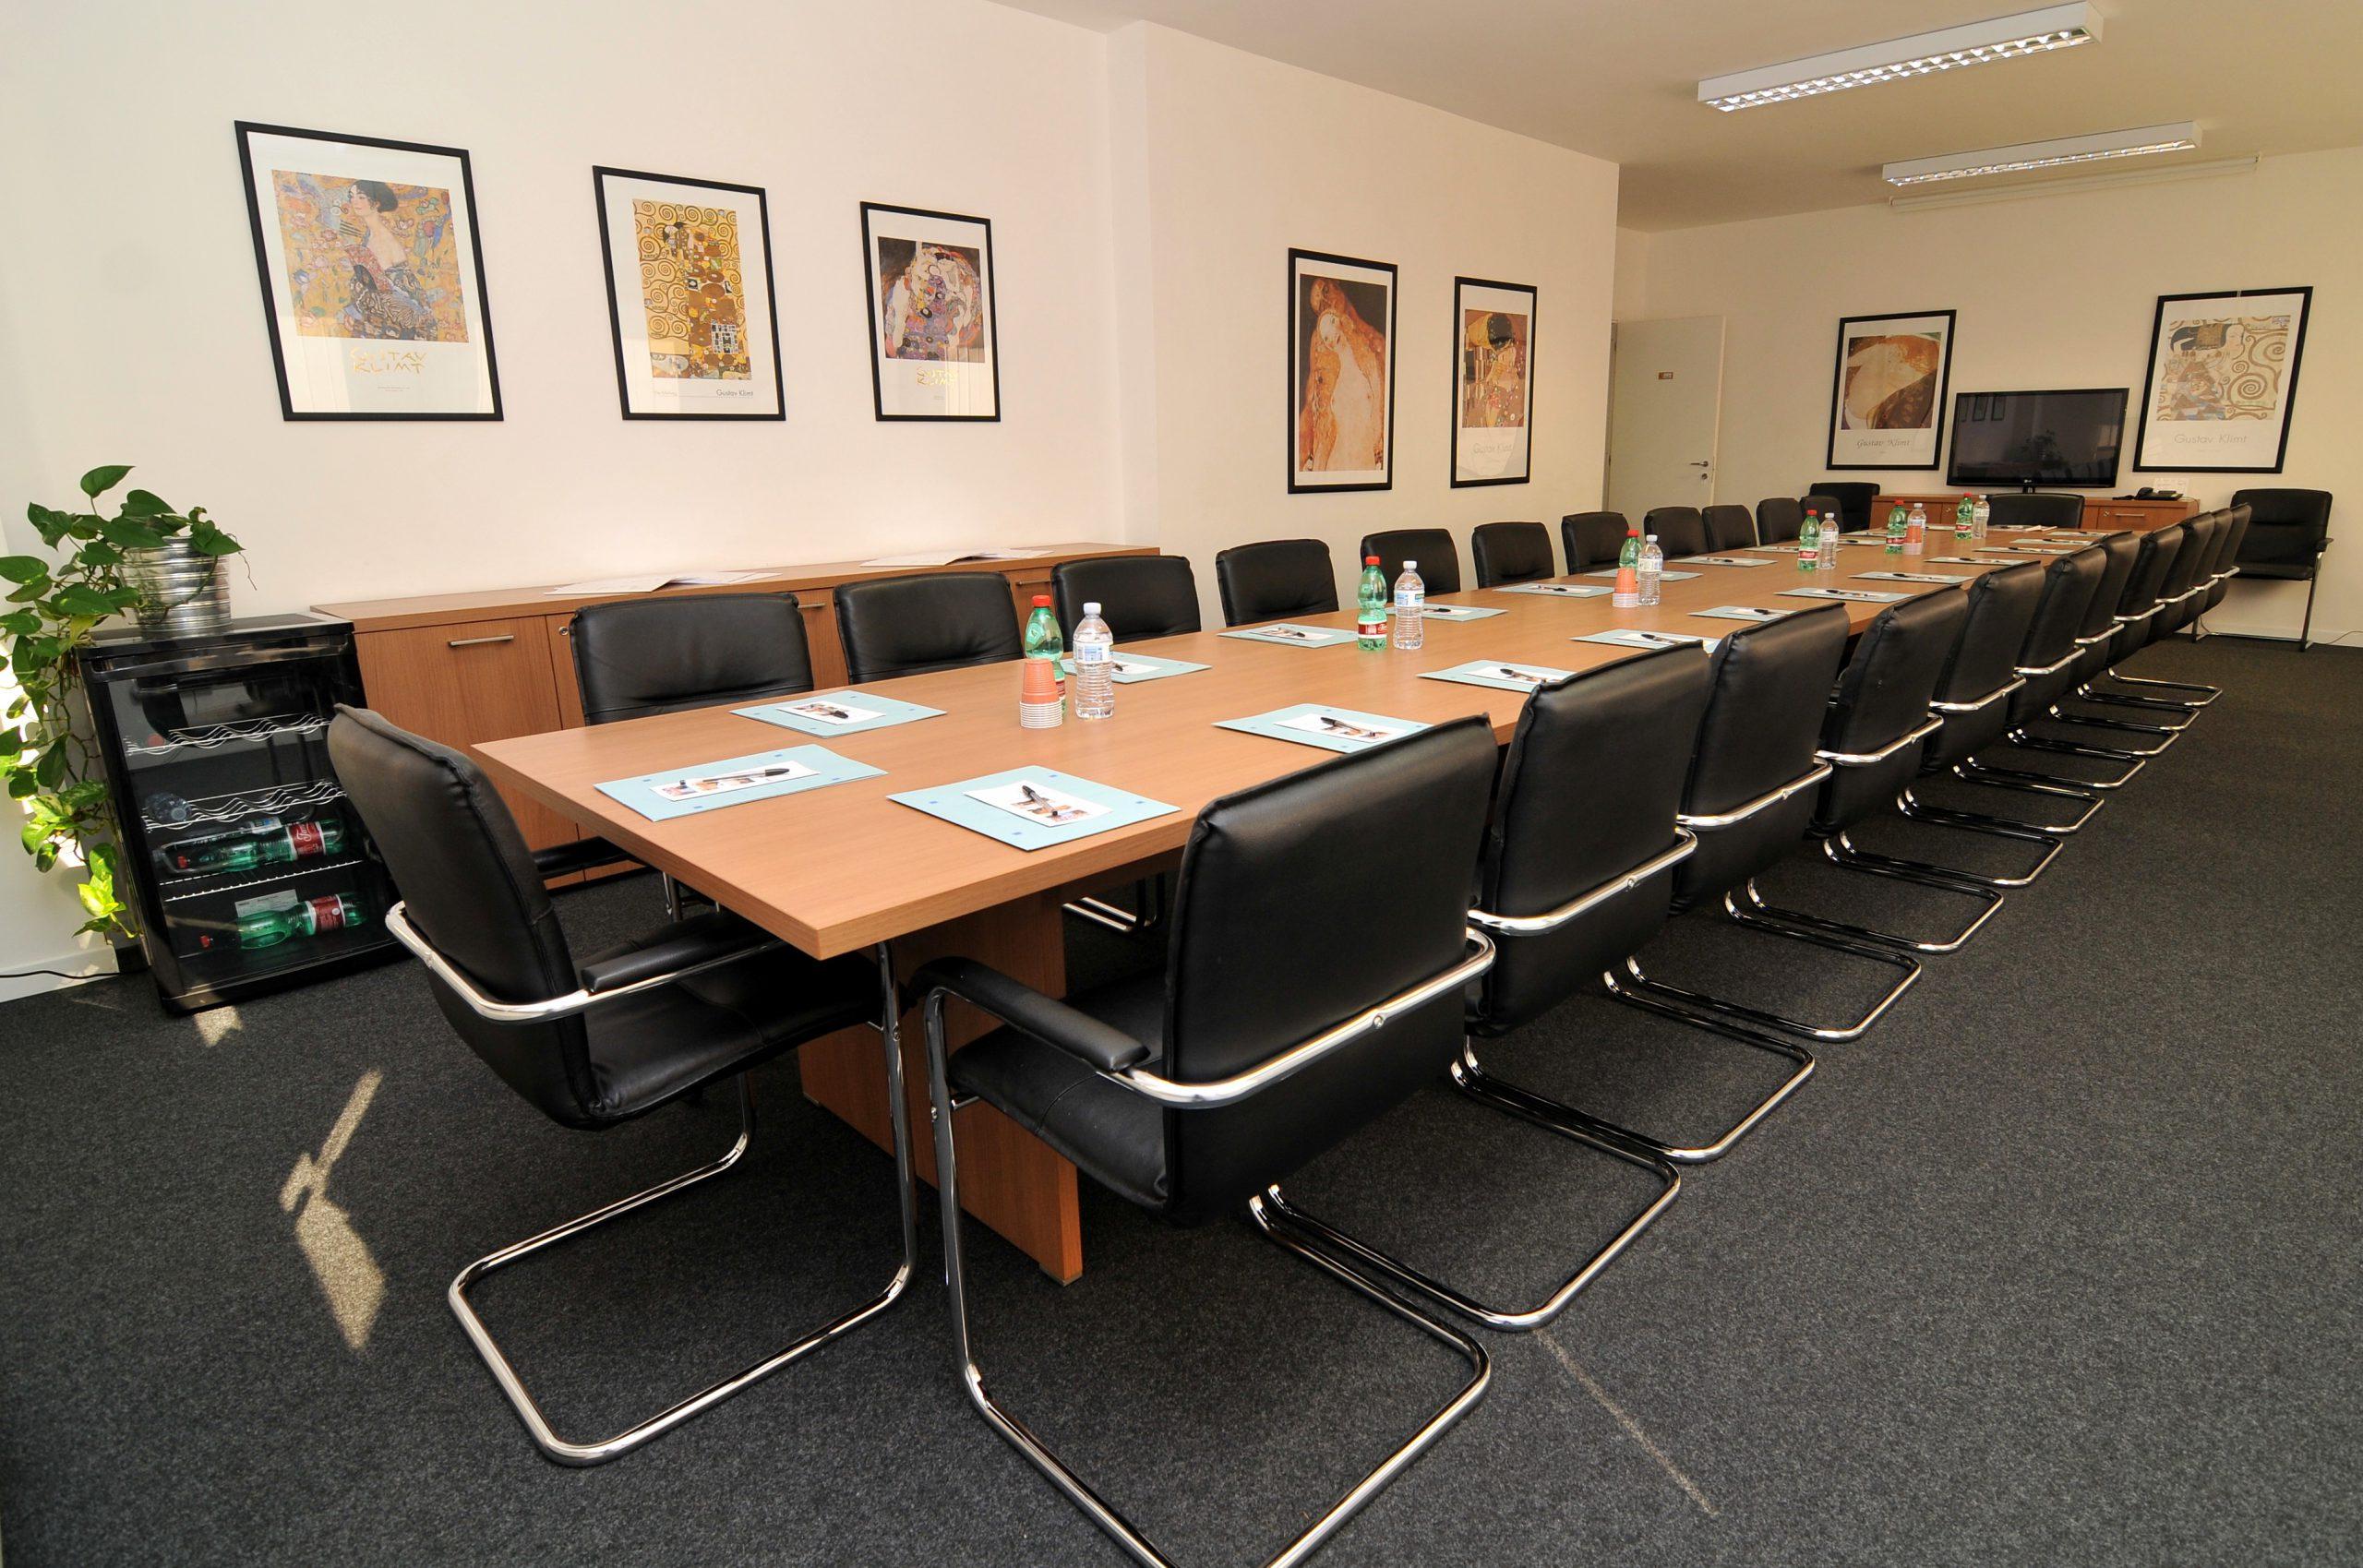 Galleria fotografica uffici roma - ufficiosrl.com ...